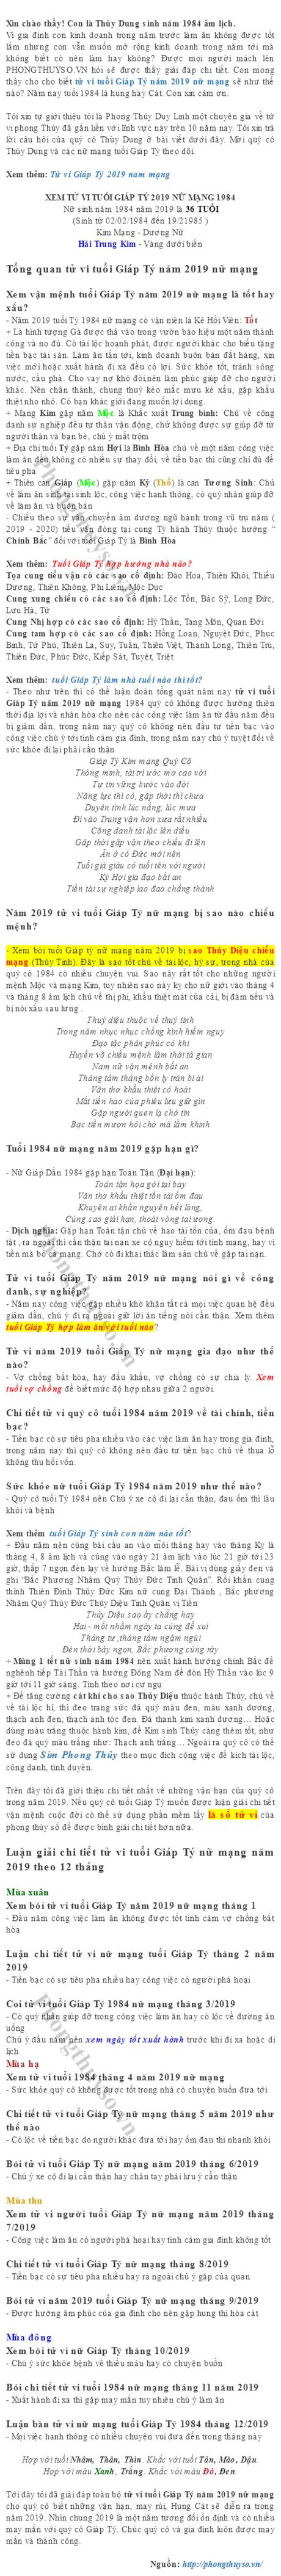 tu-vi-tuoi-giap-ty-nam-2019-nu-mang